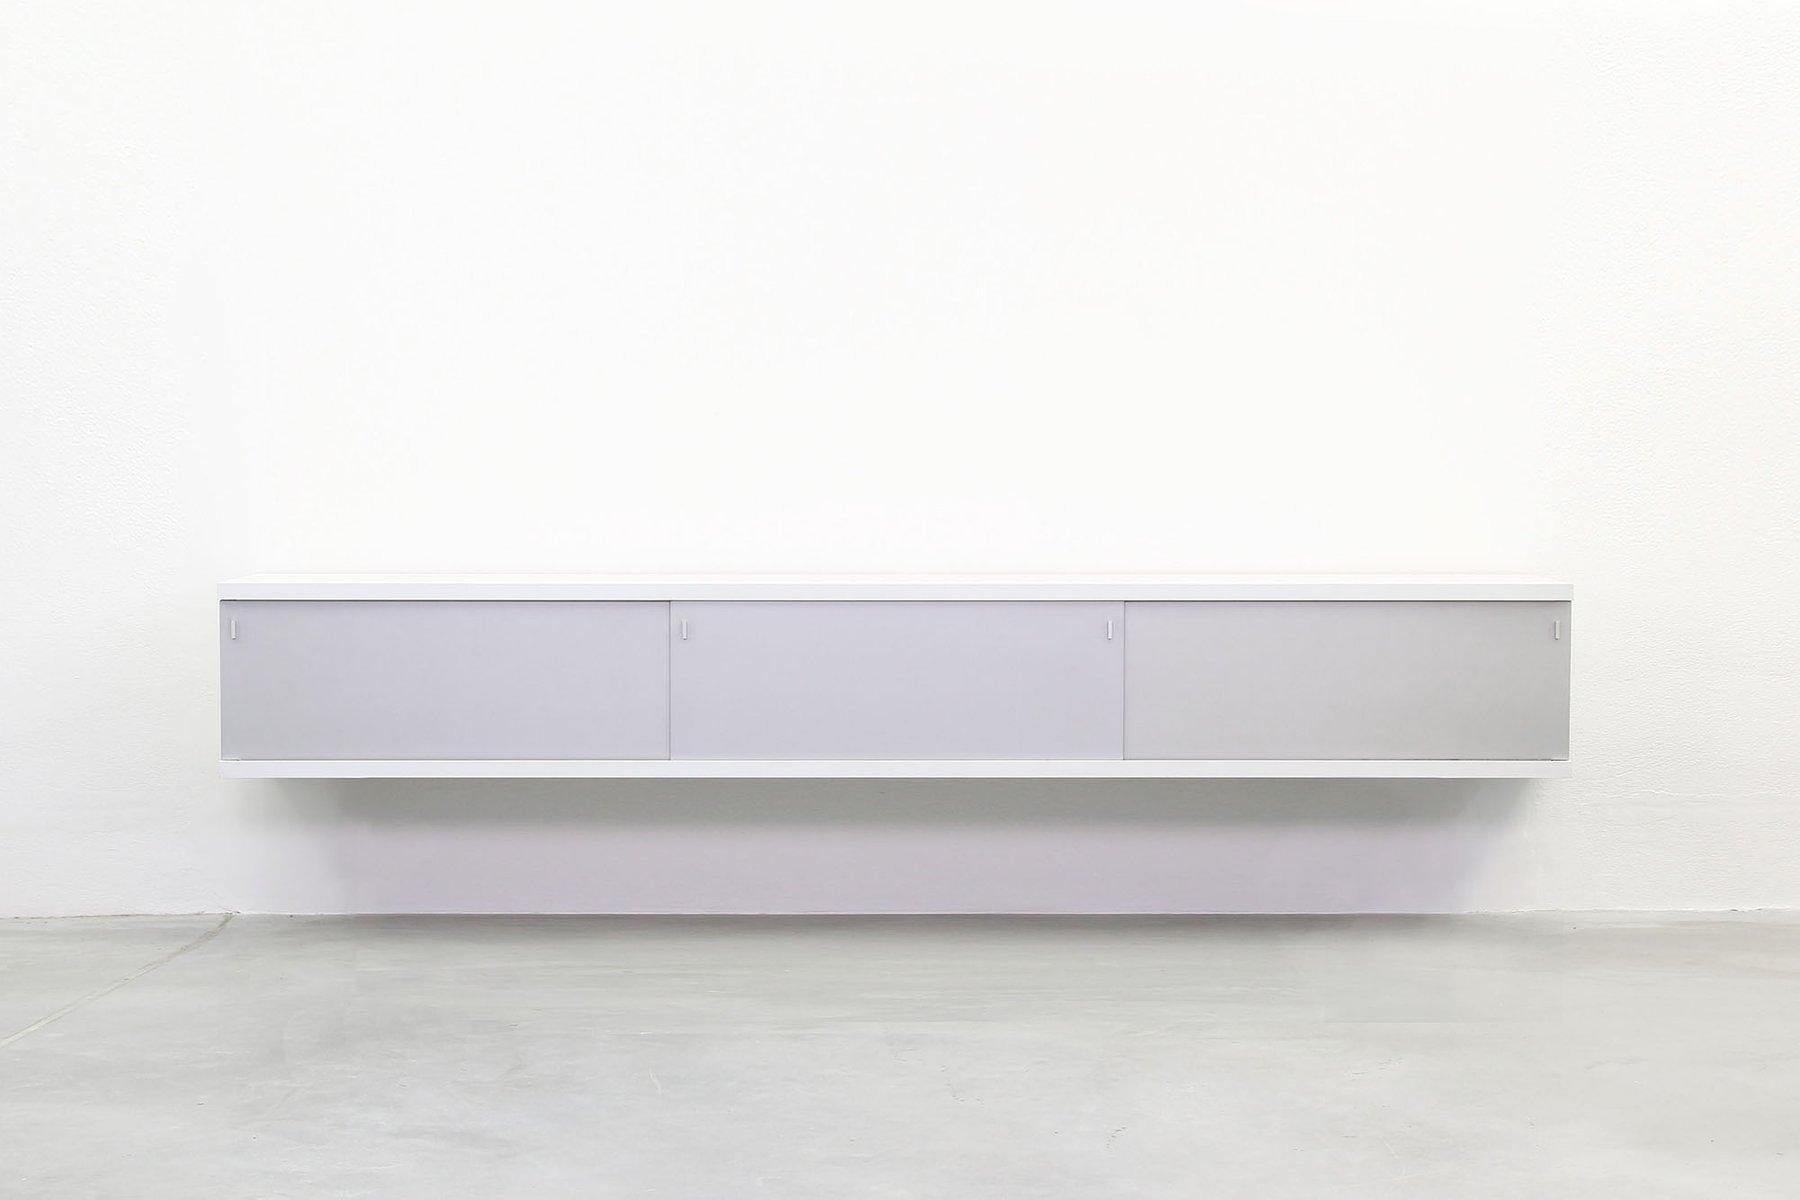 Hängendes Sideboard von Horst Brüning für Behr, 1967